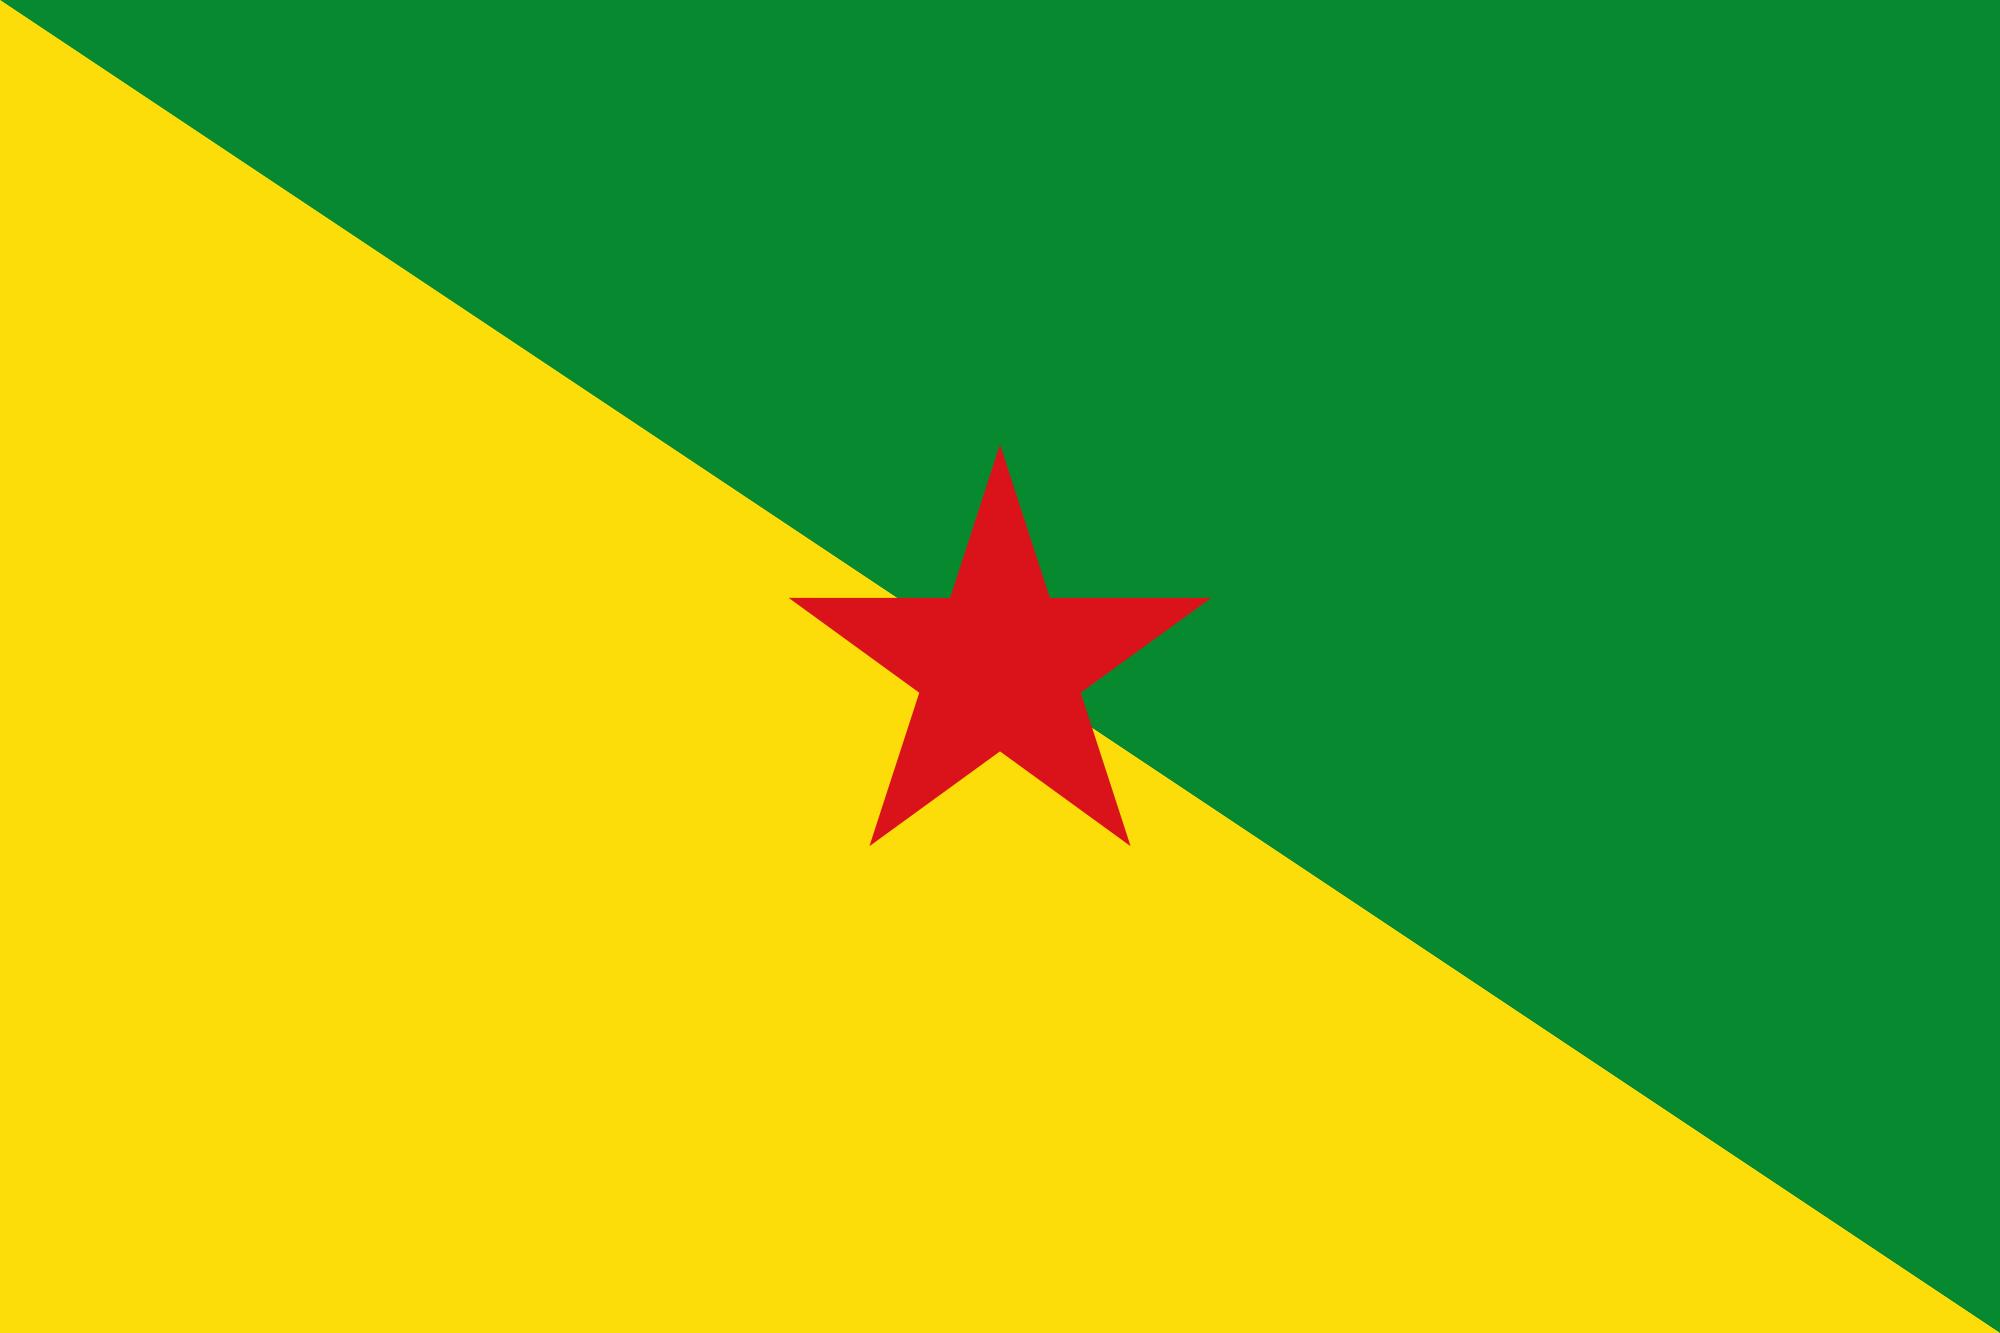 guayana francesa, χώρα, έμβλημα, λογότυπο, σύμβολο - Wallpapers HD - Professor-falken.com